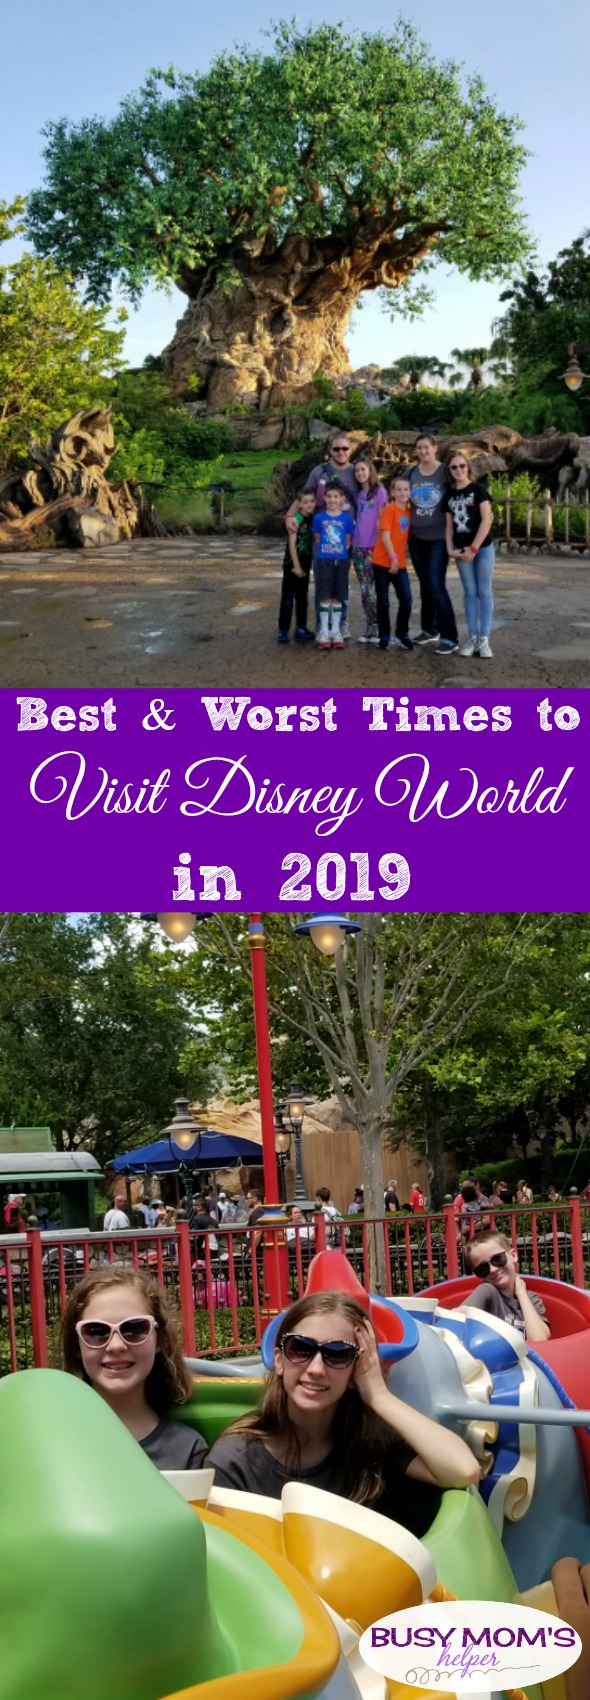 Best & Worst Times to Visit Disney World in 2019 #disneyworld #travel #familytravel #disney #waltdisneyworld #disneyparks